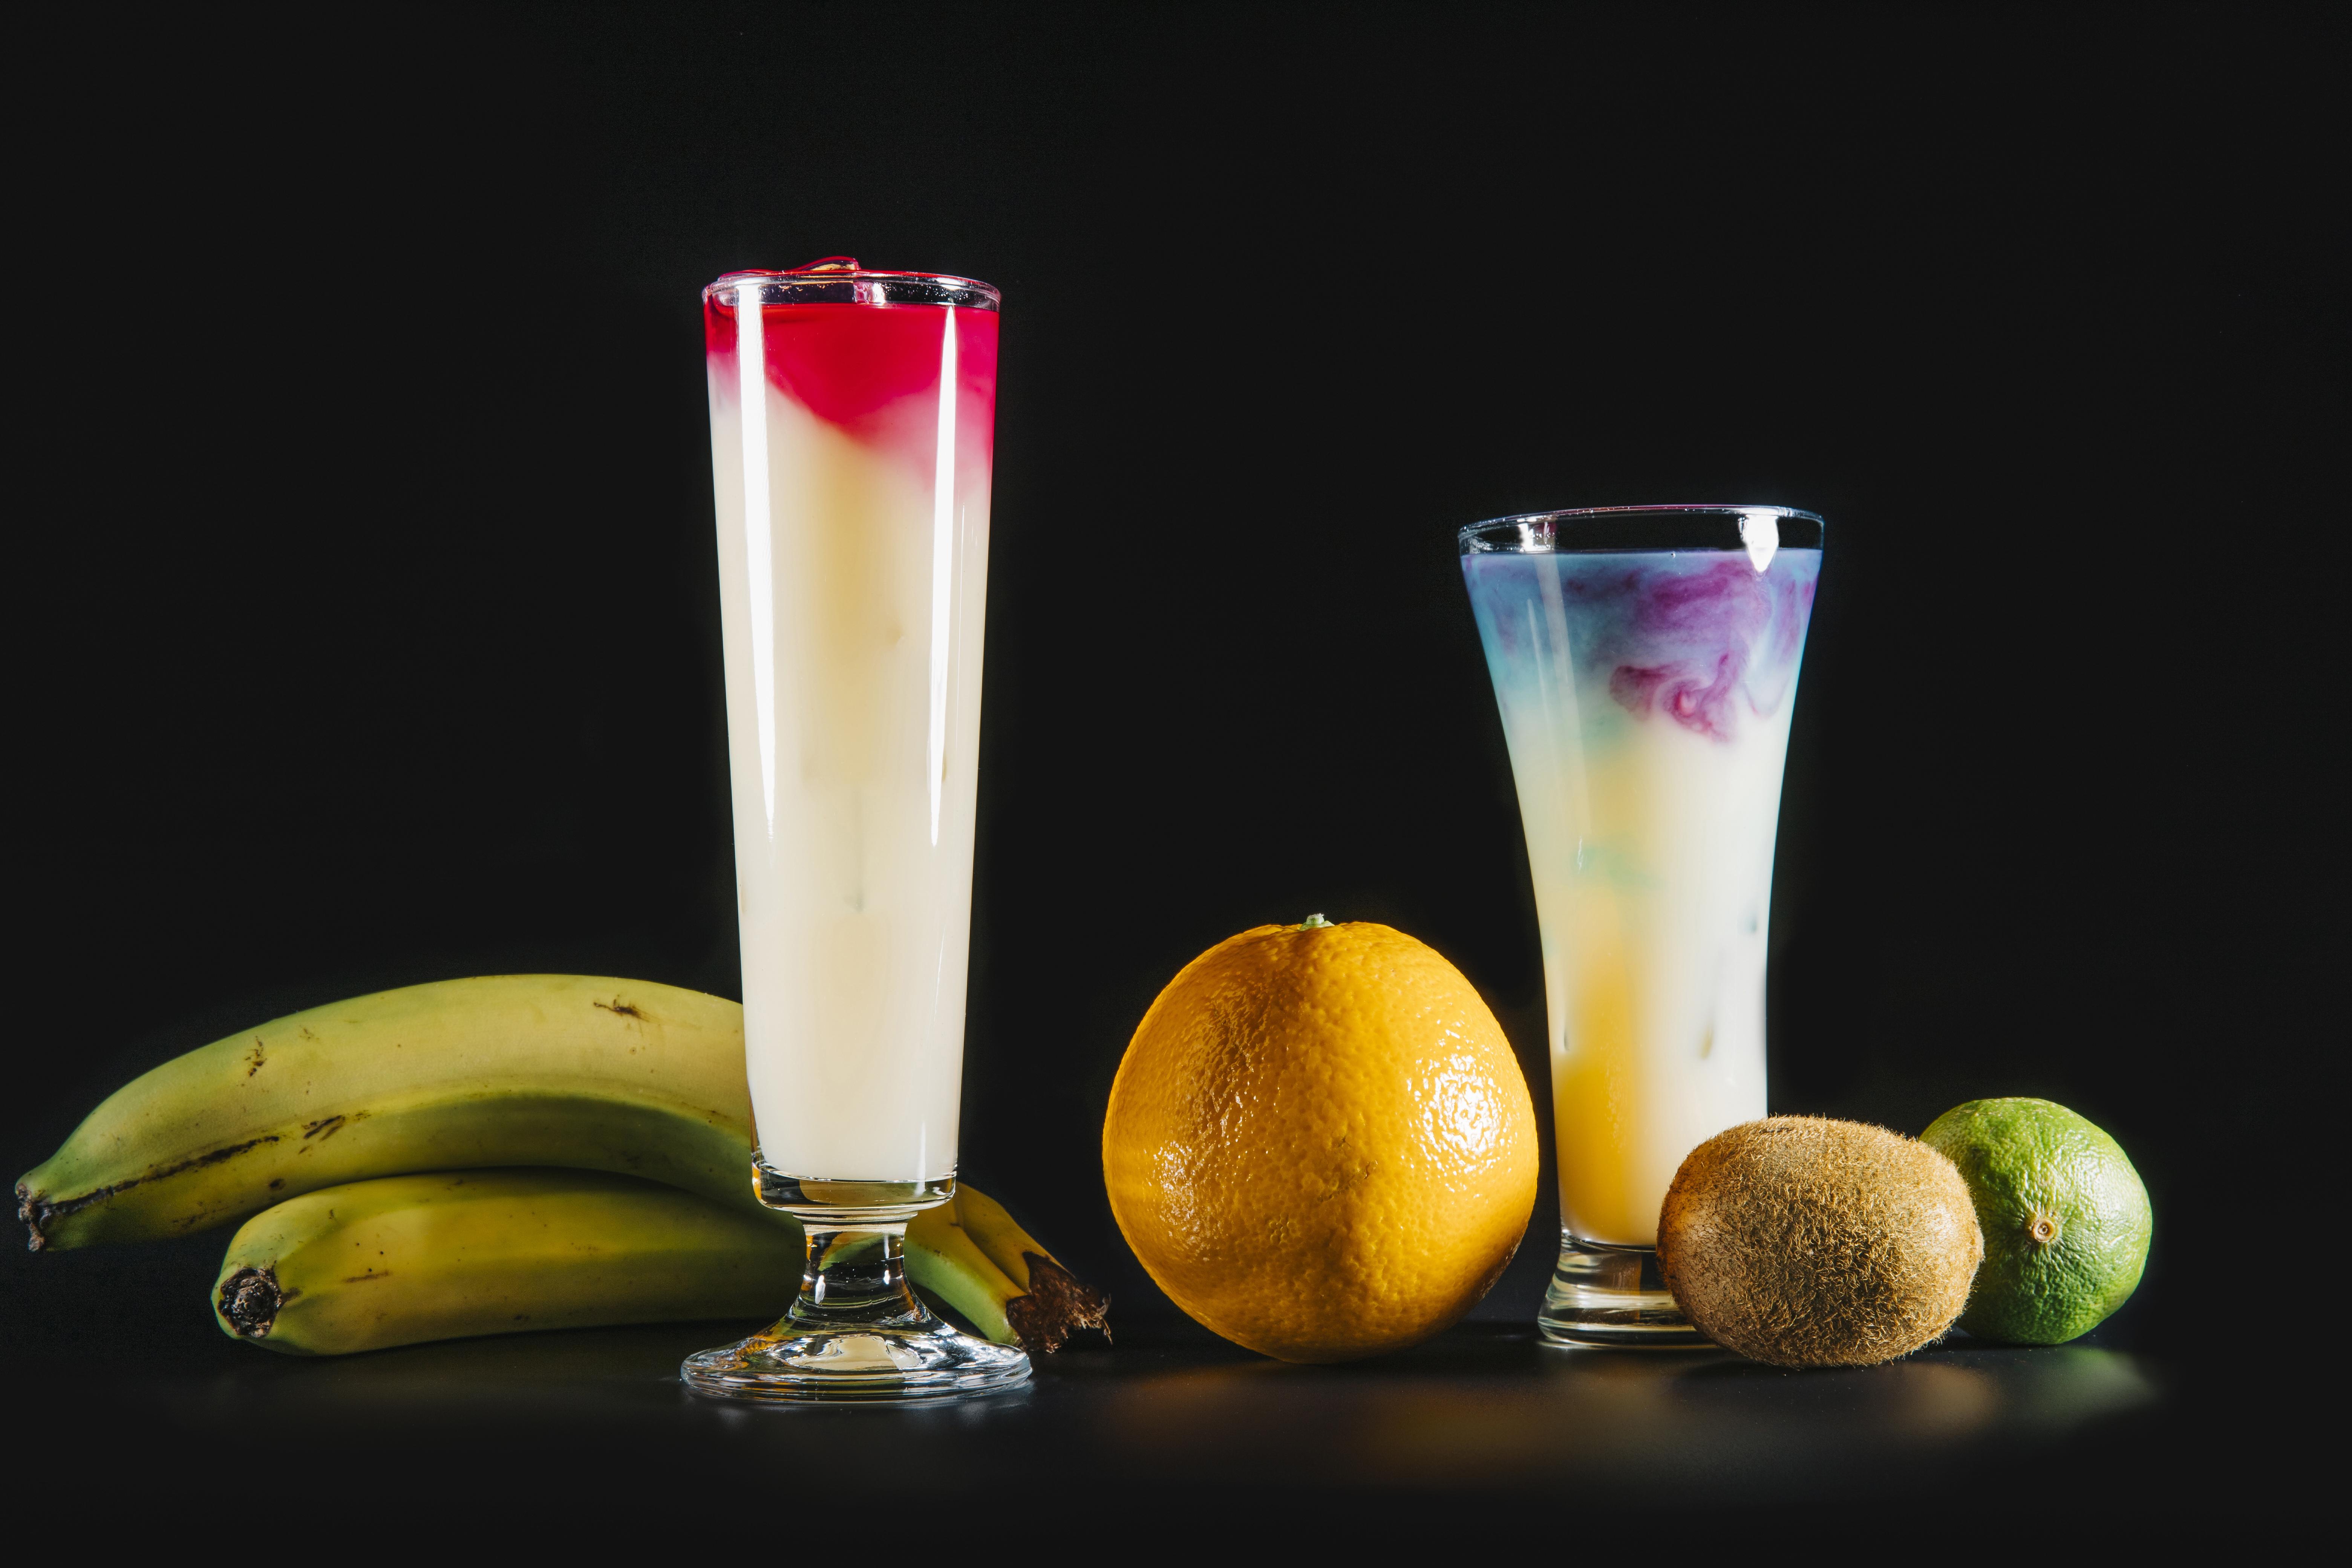 Обои для рабочего стола Апельсин Киви Бананы стакане Пища Коктейль Черный фон Стакан стакана Еда Продукты питания на черном фоне